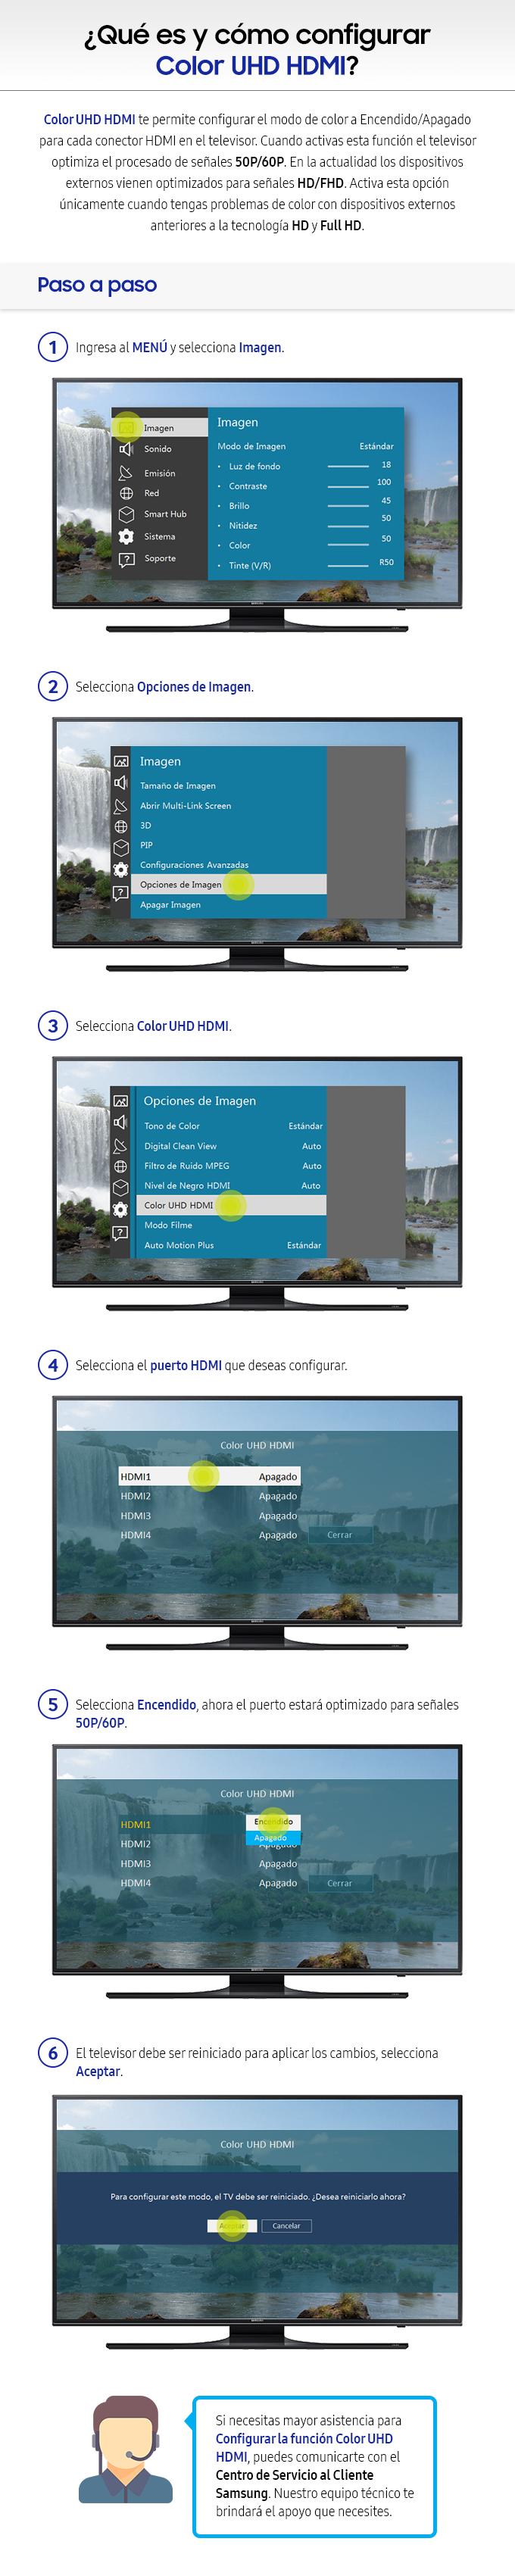 Qué es y cómo configurar Color UHD HDMI